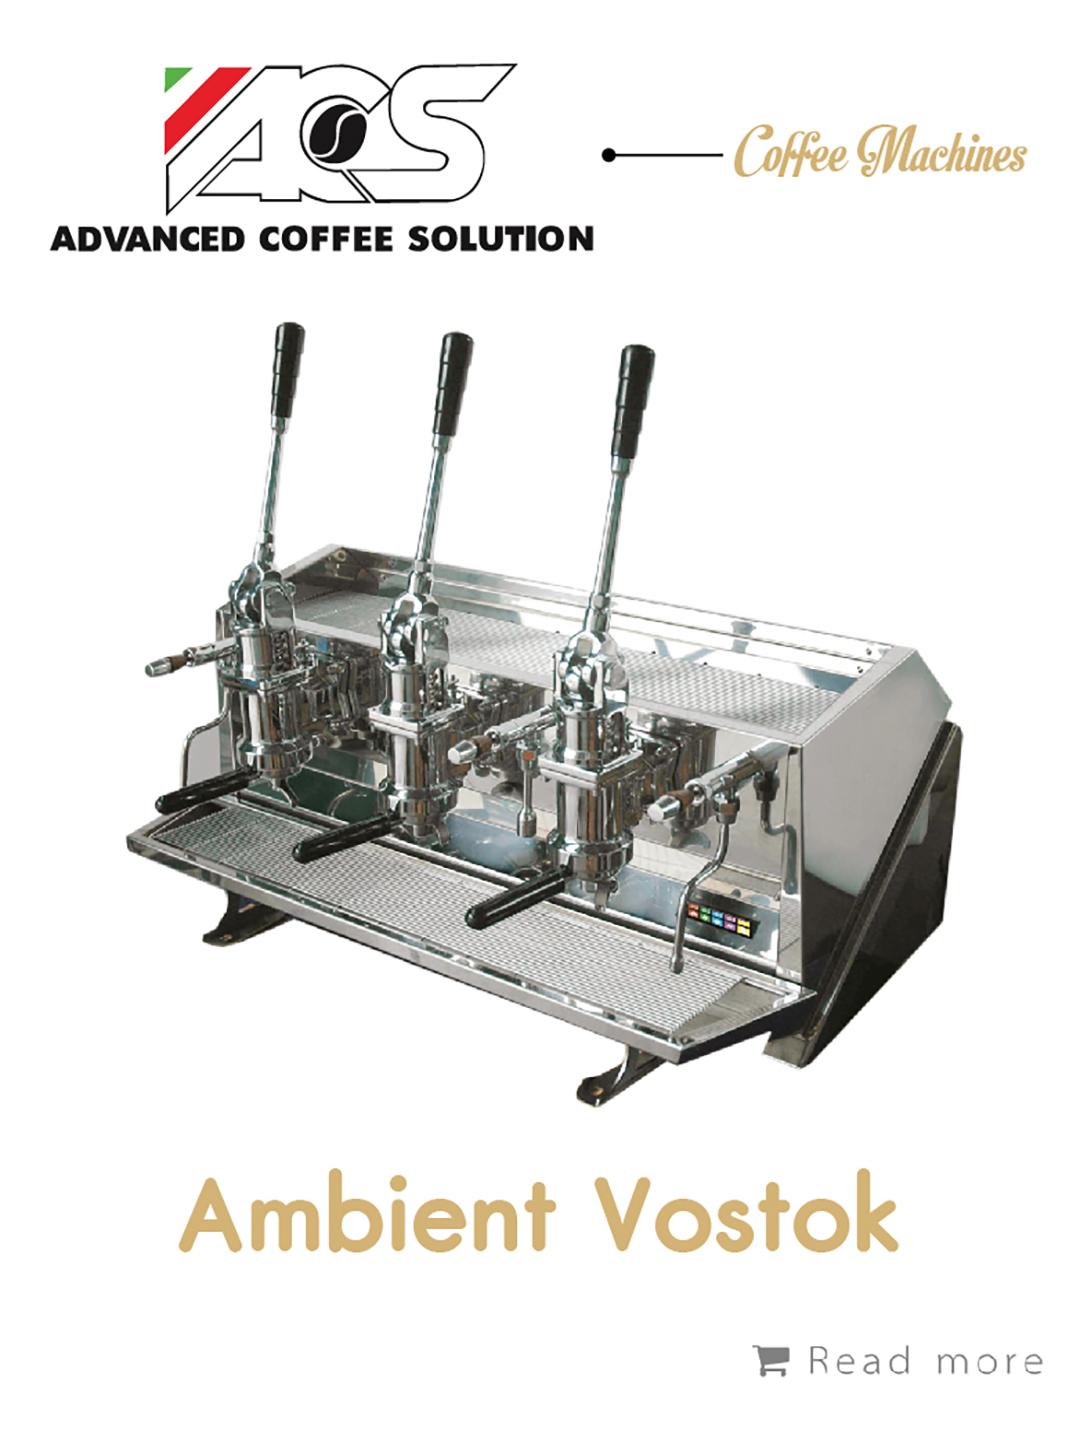 เครื่องชงกาแฟ, เรียนชงกาแฟ, สอนชงกาแฟ, อุปกรณ์ร้านกาแฟ, กาแฟคั่ว, ซ่อมเครื่องชงกาแฟ